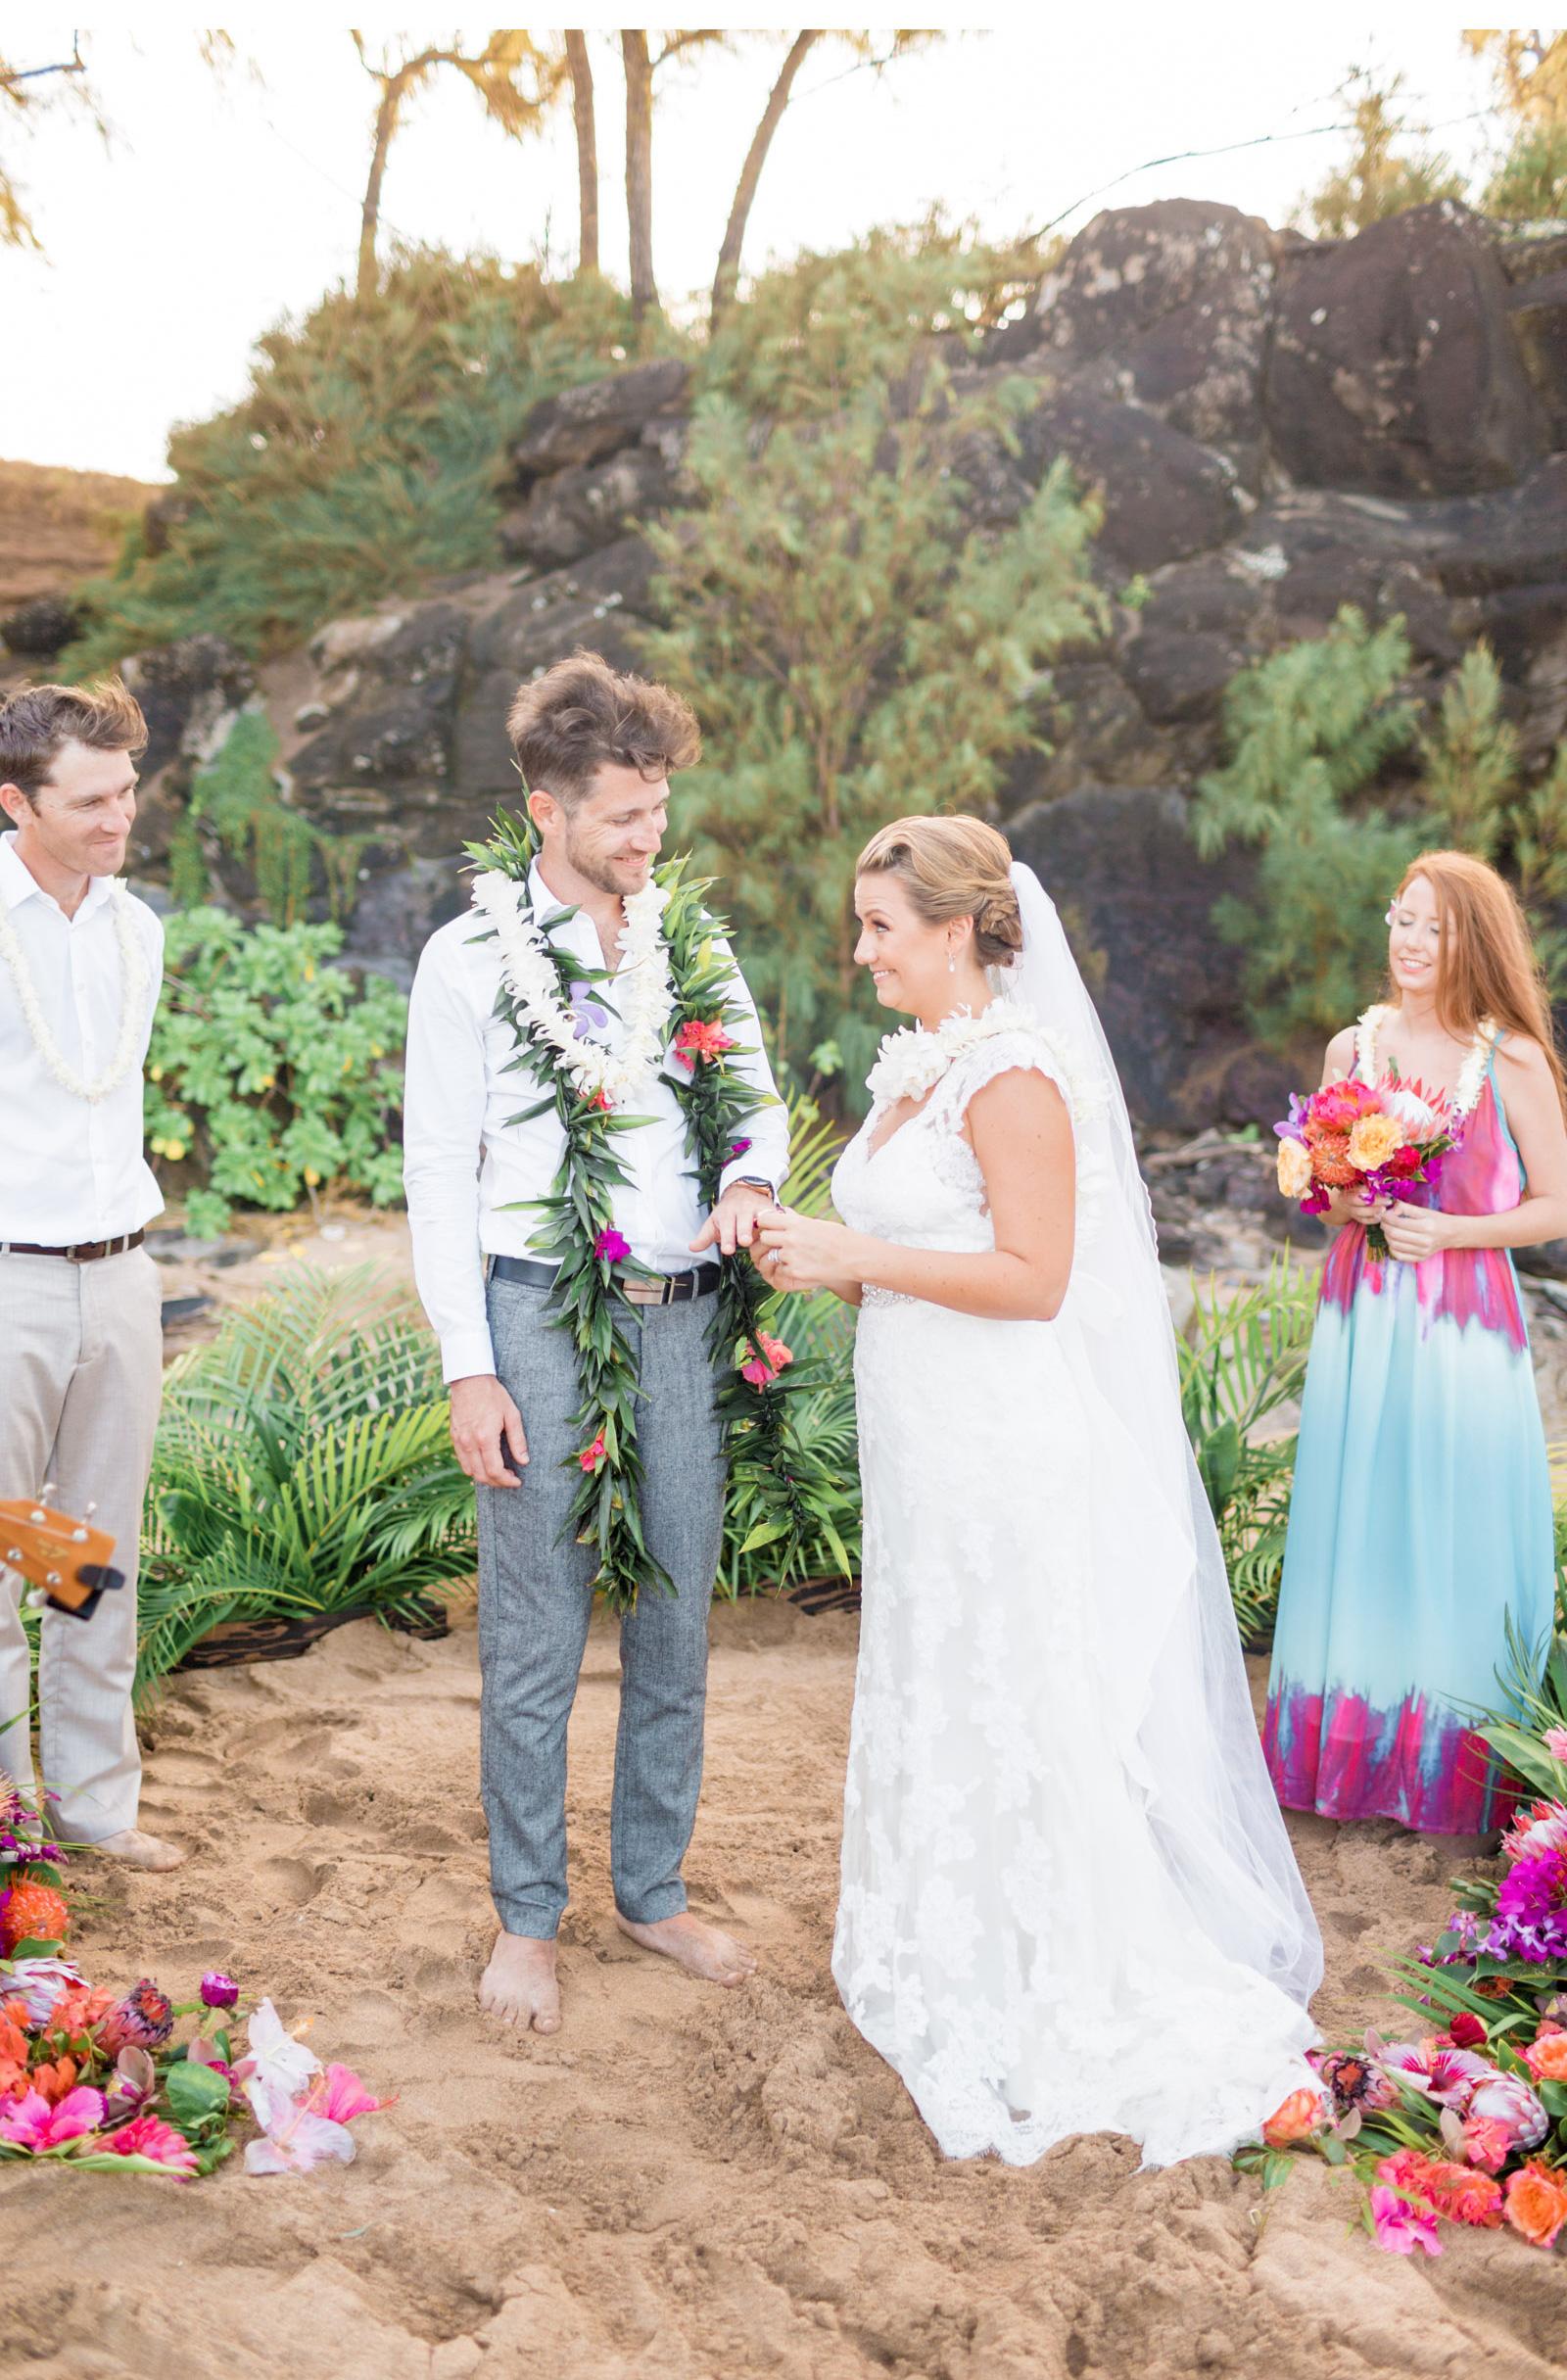 Natalie-Schutt-Photography-Maui-Wedding_01.jpg